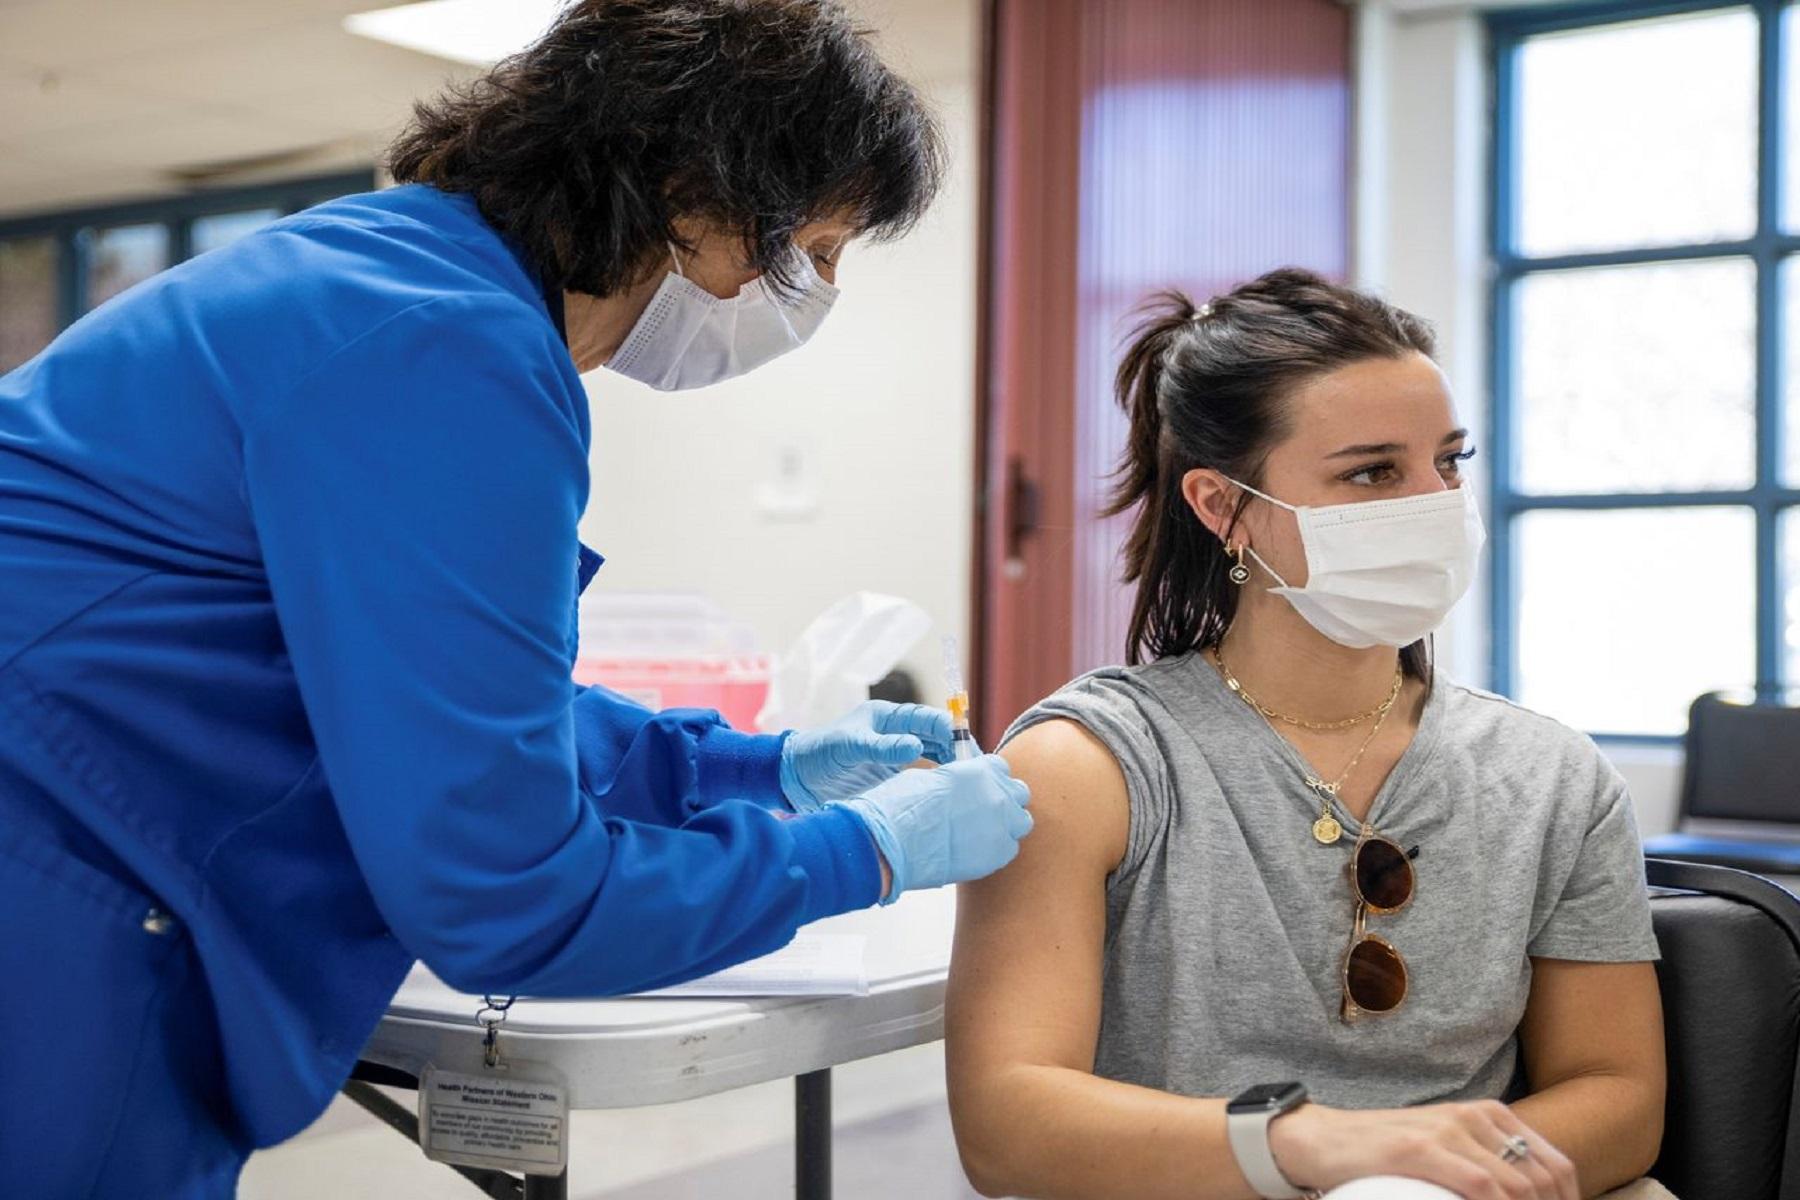 Εμβολιασμοί ΗΠΑ: 3,1 εκατομμύρια εμβόλια covid – 19 ημερησίως κατά μέσον όρο ενώ οι παραλλαγές προβληματίζουν